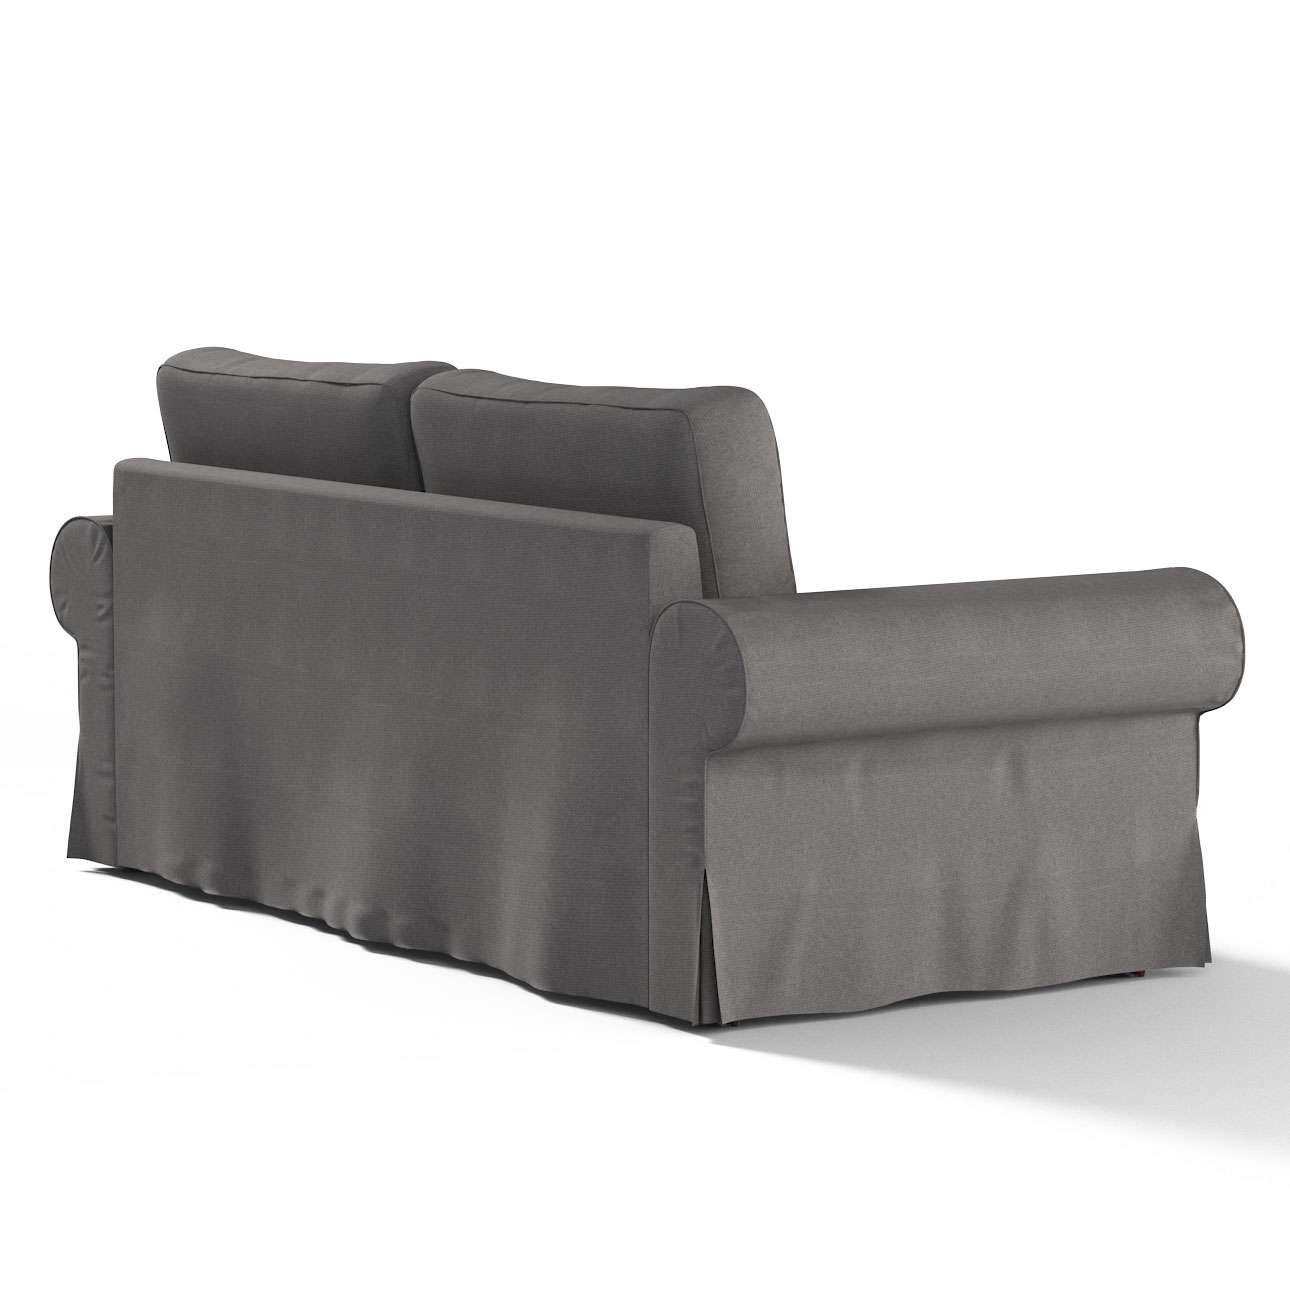 Bezug für Backabro 3-Sitzer Sofa ausklappbar von der Kollektion Etna, Stoff: 705-35